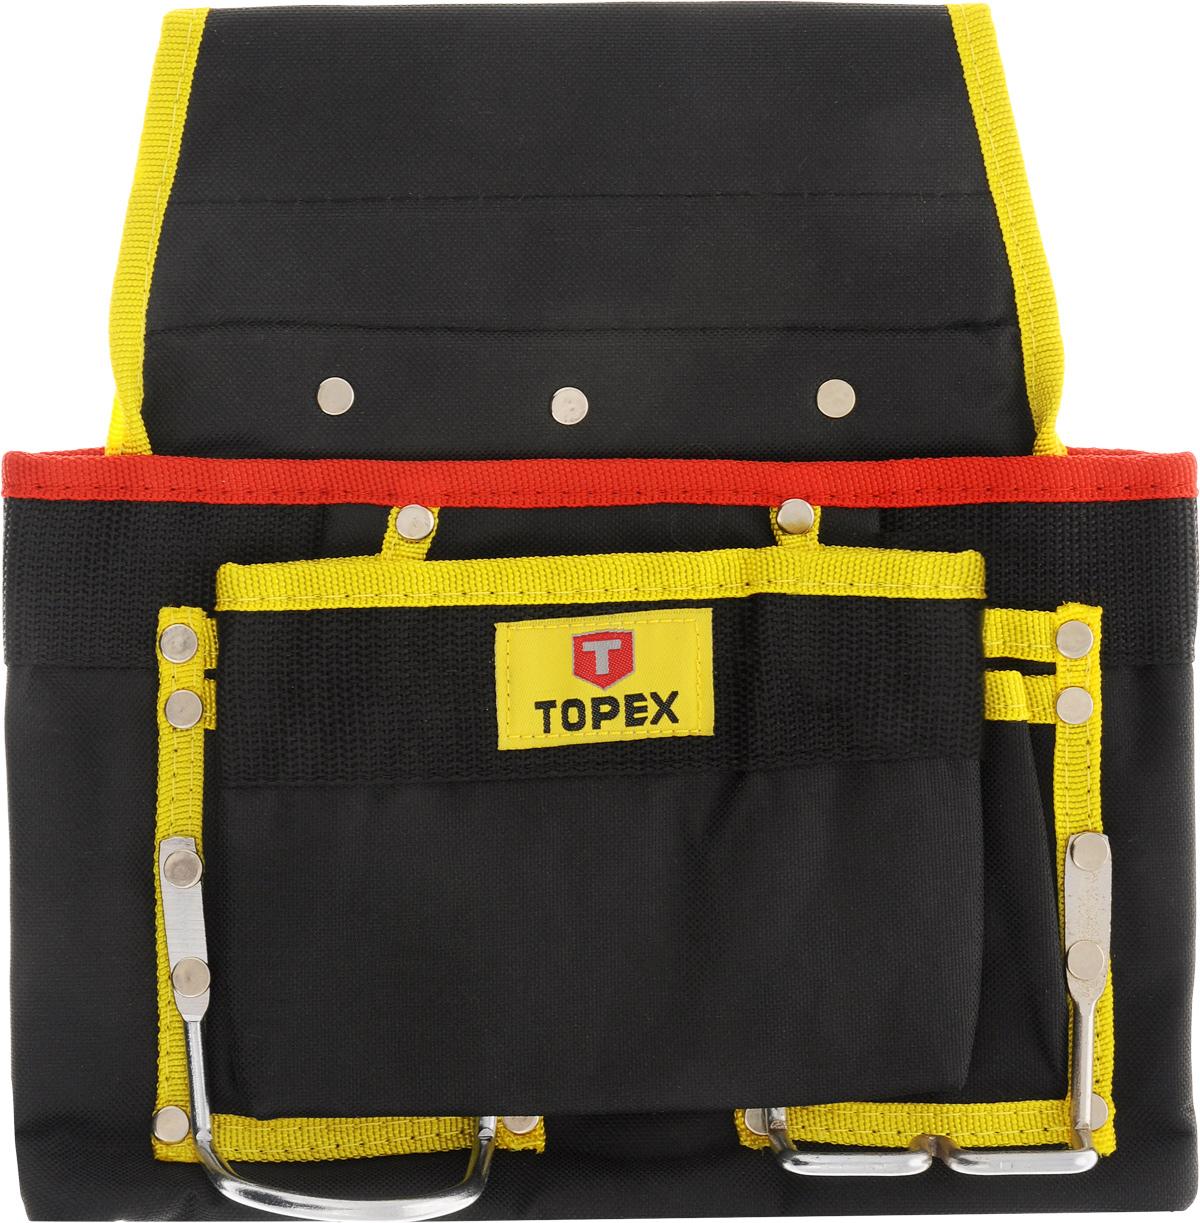 Сумка для инструментов Topex, 8 гнезд, цвет: черный, красный, желтый79R432_черный, красный, желтыйСумка для инструментов Торех, изготовленная из нейлона, используется для переноски и хранения ручного инструмента во время проведения монтажных работ. Ее можно пристегивать к любому ремню. Приспособление просто незаменимо при работе вне помещения, а также в ситуациях, где нет под рукой полки или шкафчика с инструментом. Сумка имеет 8 отделений и 2 металлические петли. Размер сумки: 28 х 29 х 6 см.